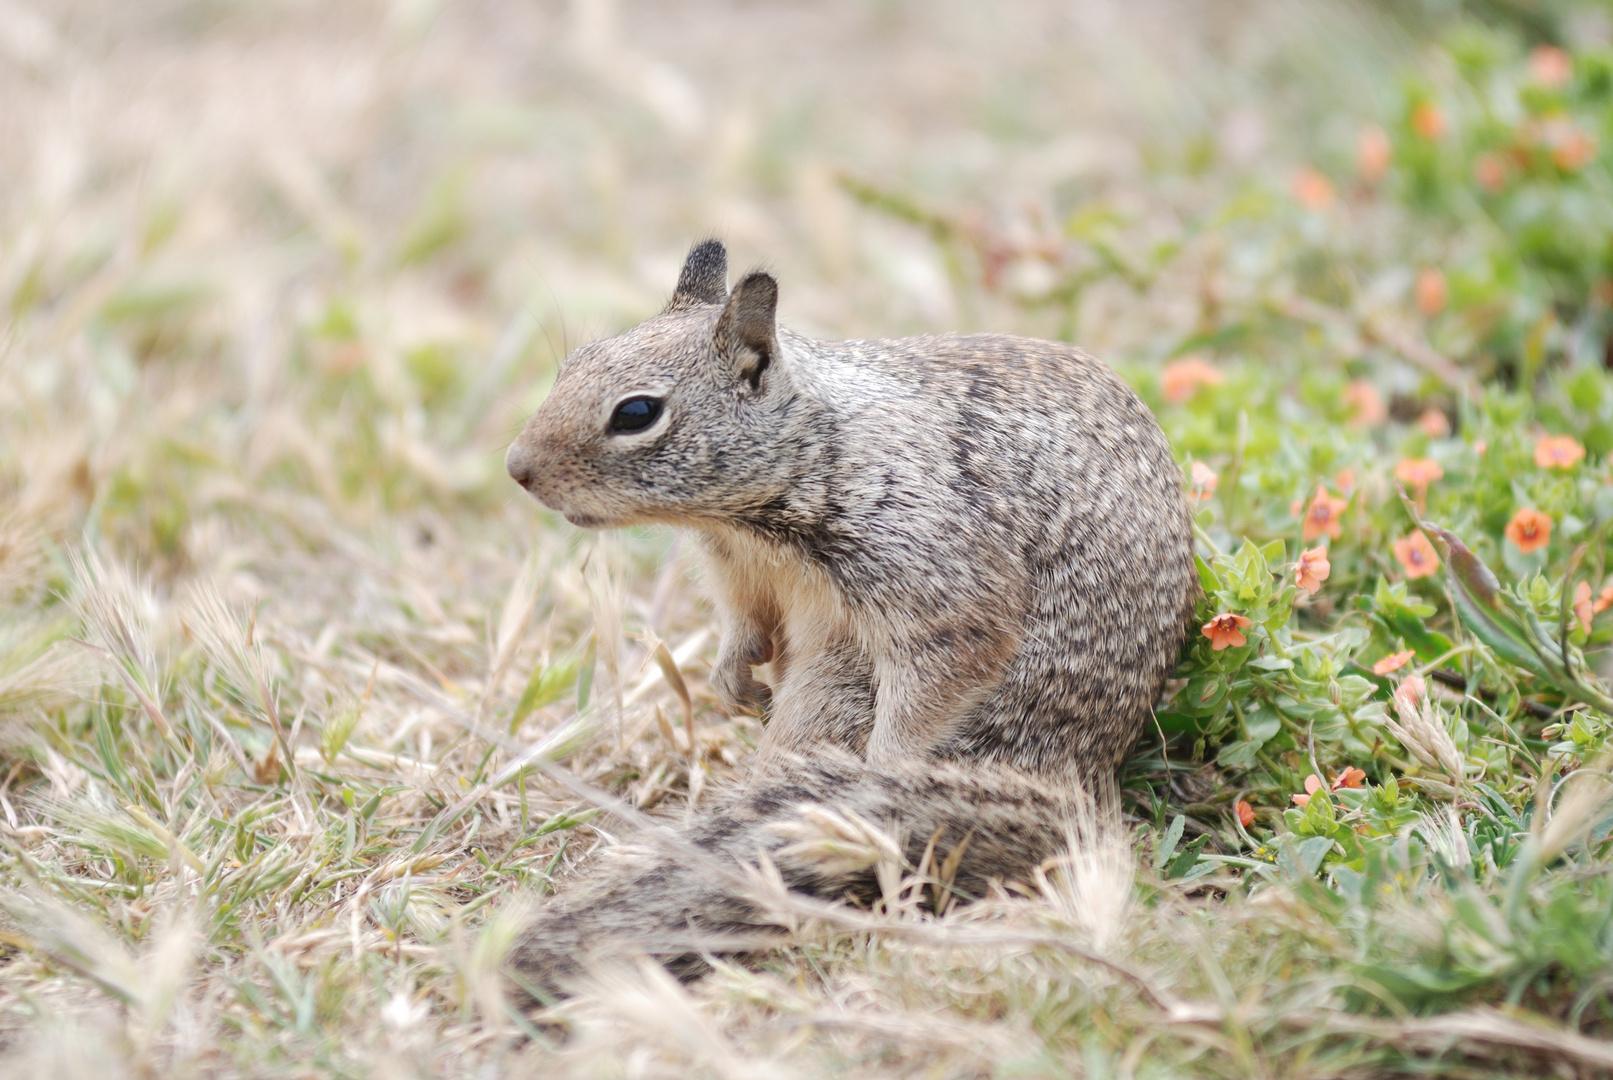 Pine squirrel